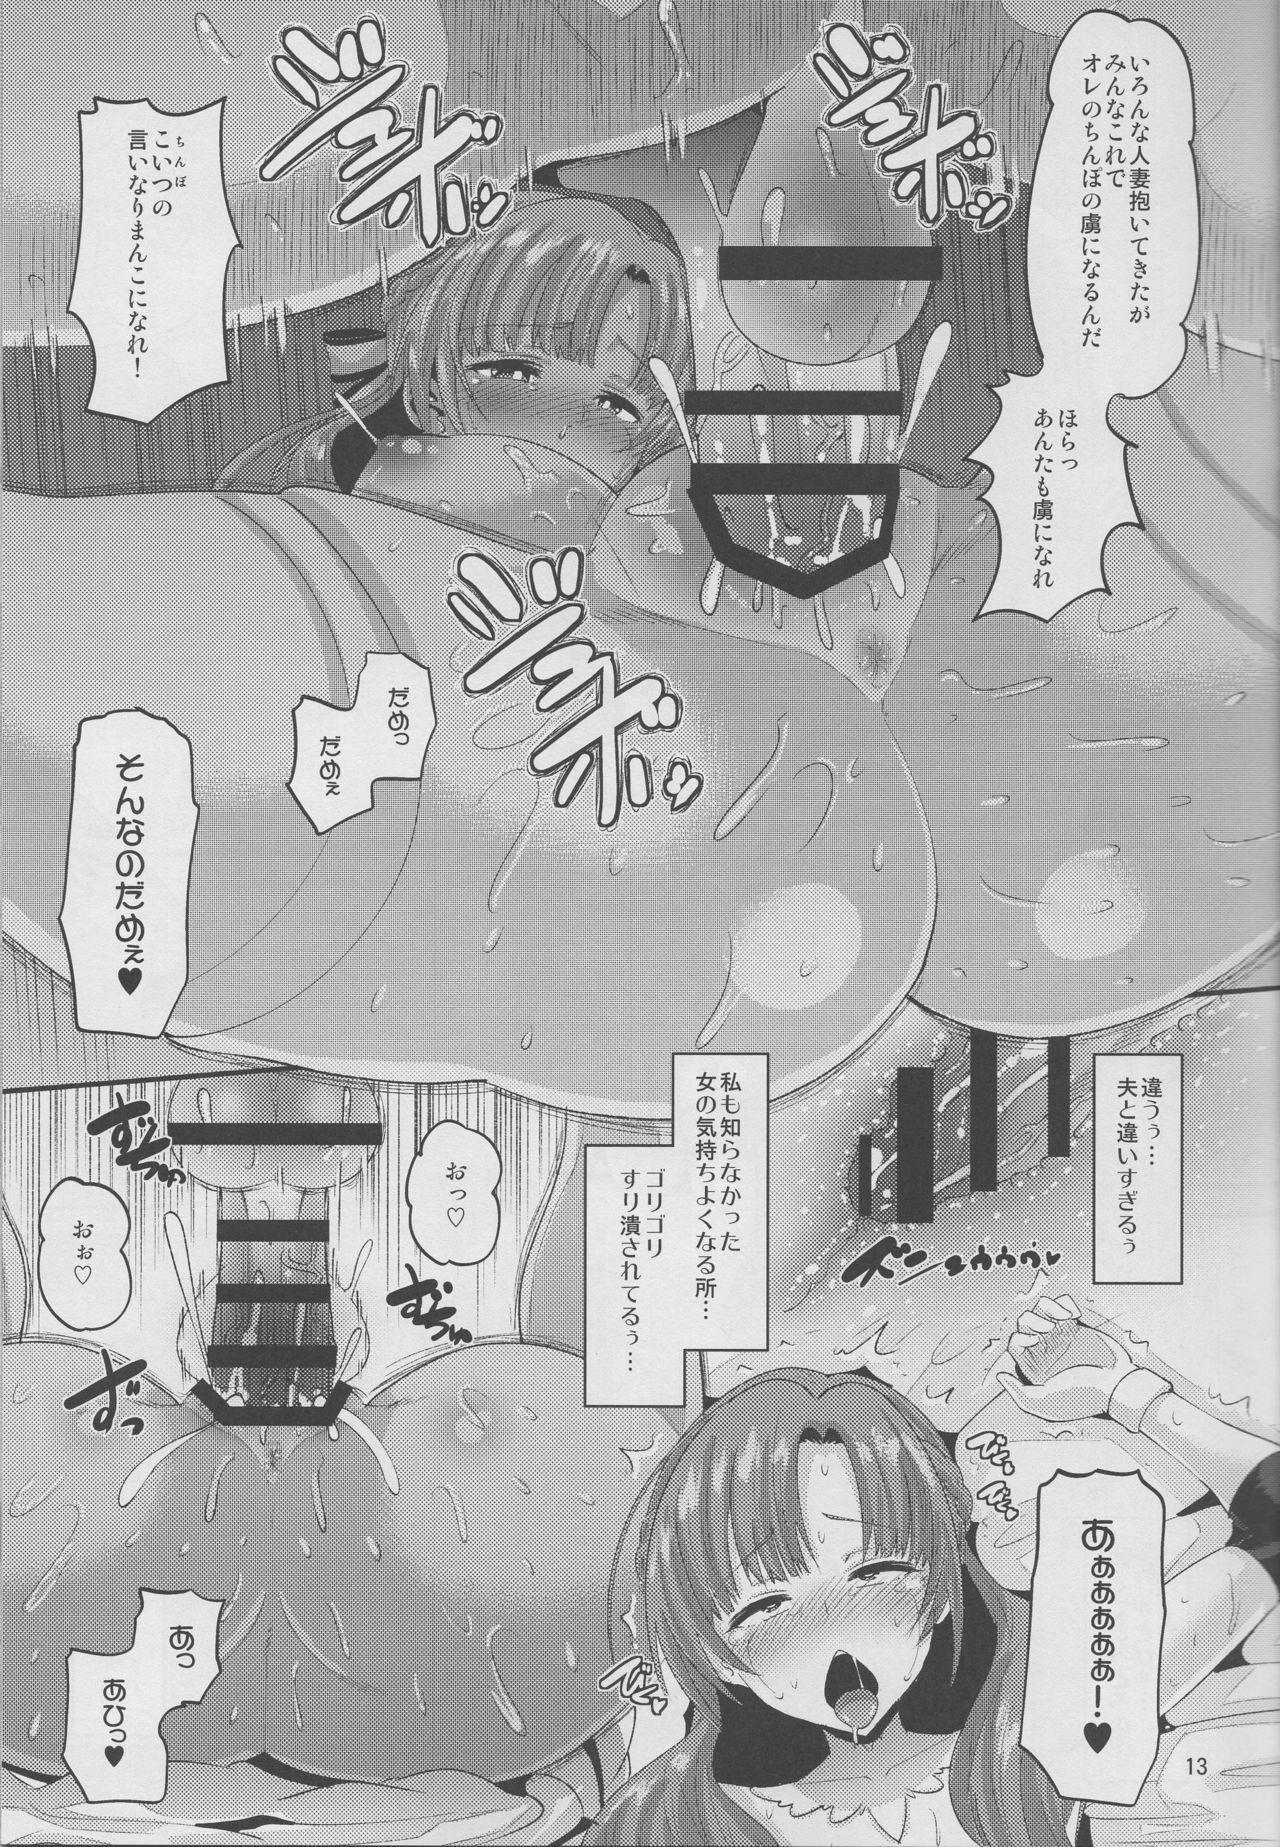 Musuko to Onaji Toshigoro no Otoko ni Otosareru Okaa-san wa Suki desu ka? 11